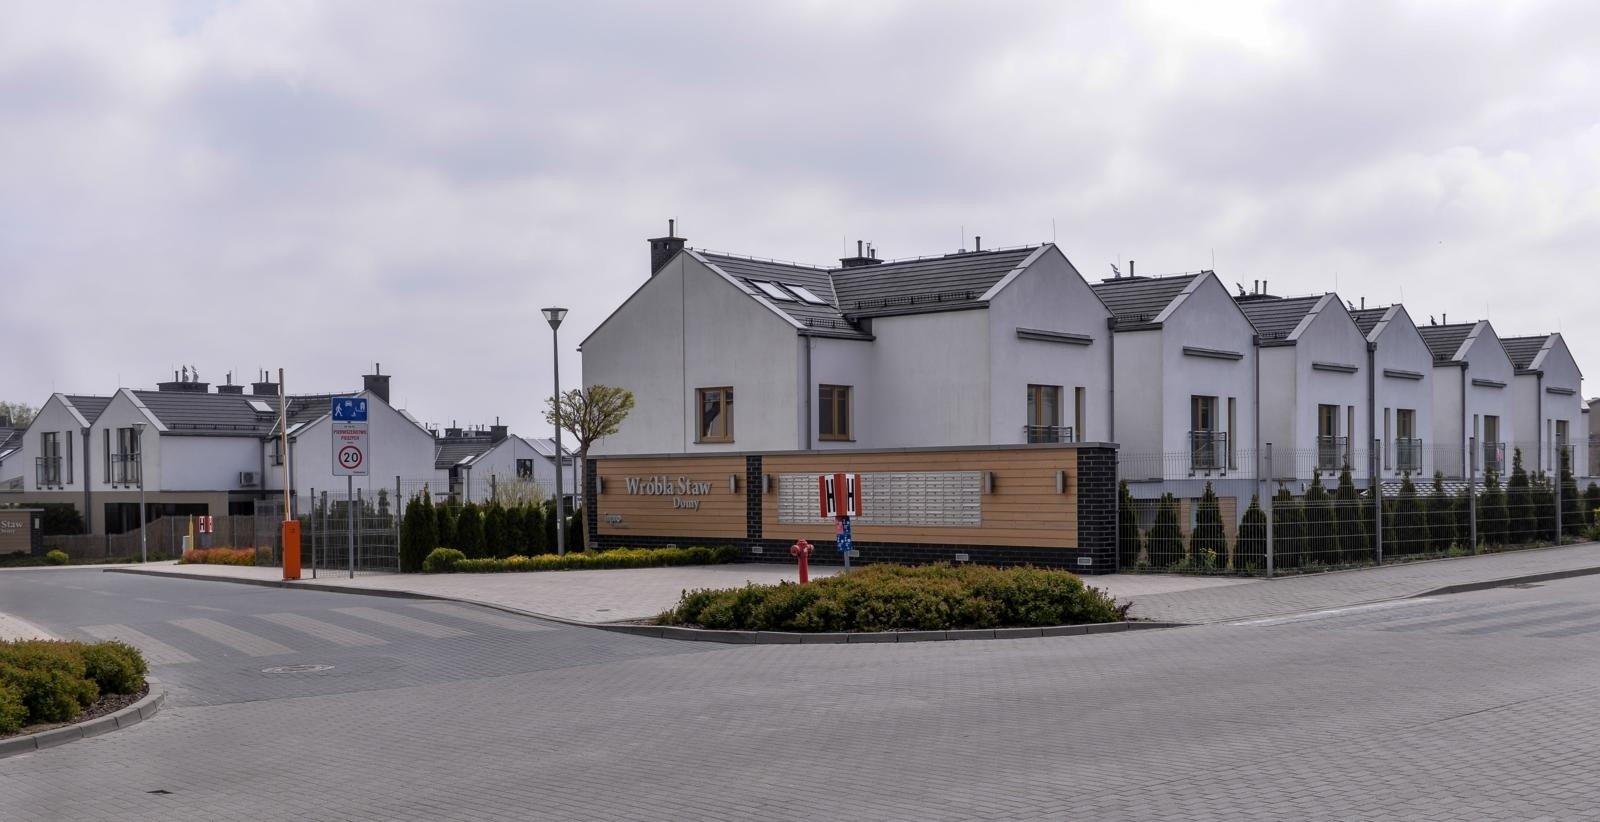 Zaktualizowano Rynek nieruchomości w Gdańsku. Ceny rosną, bo na rynku jest coraz HI44